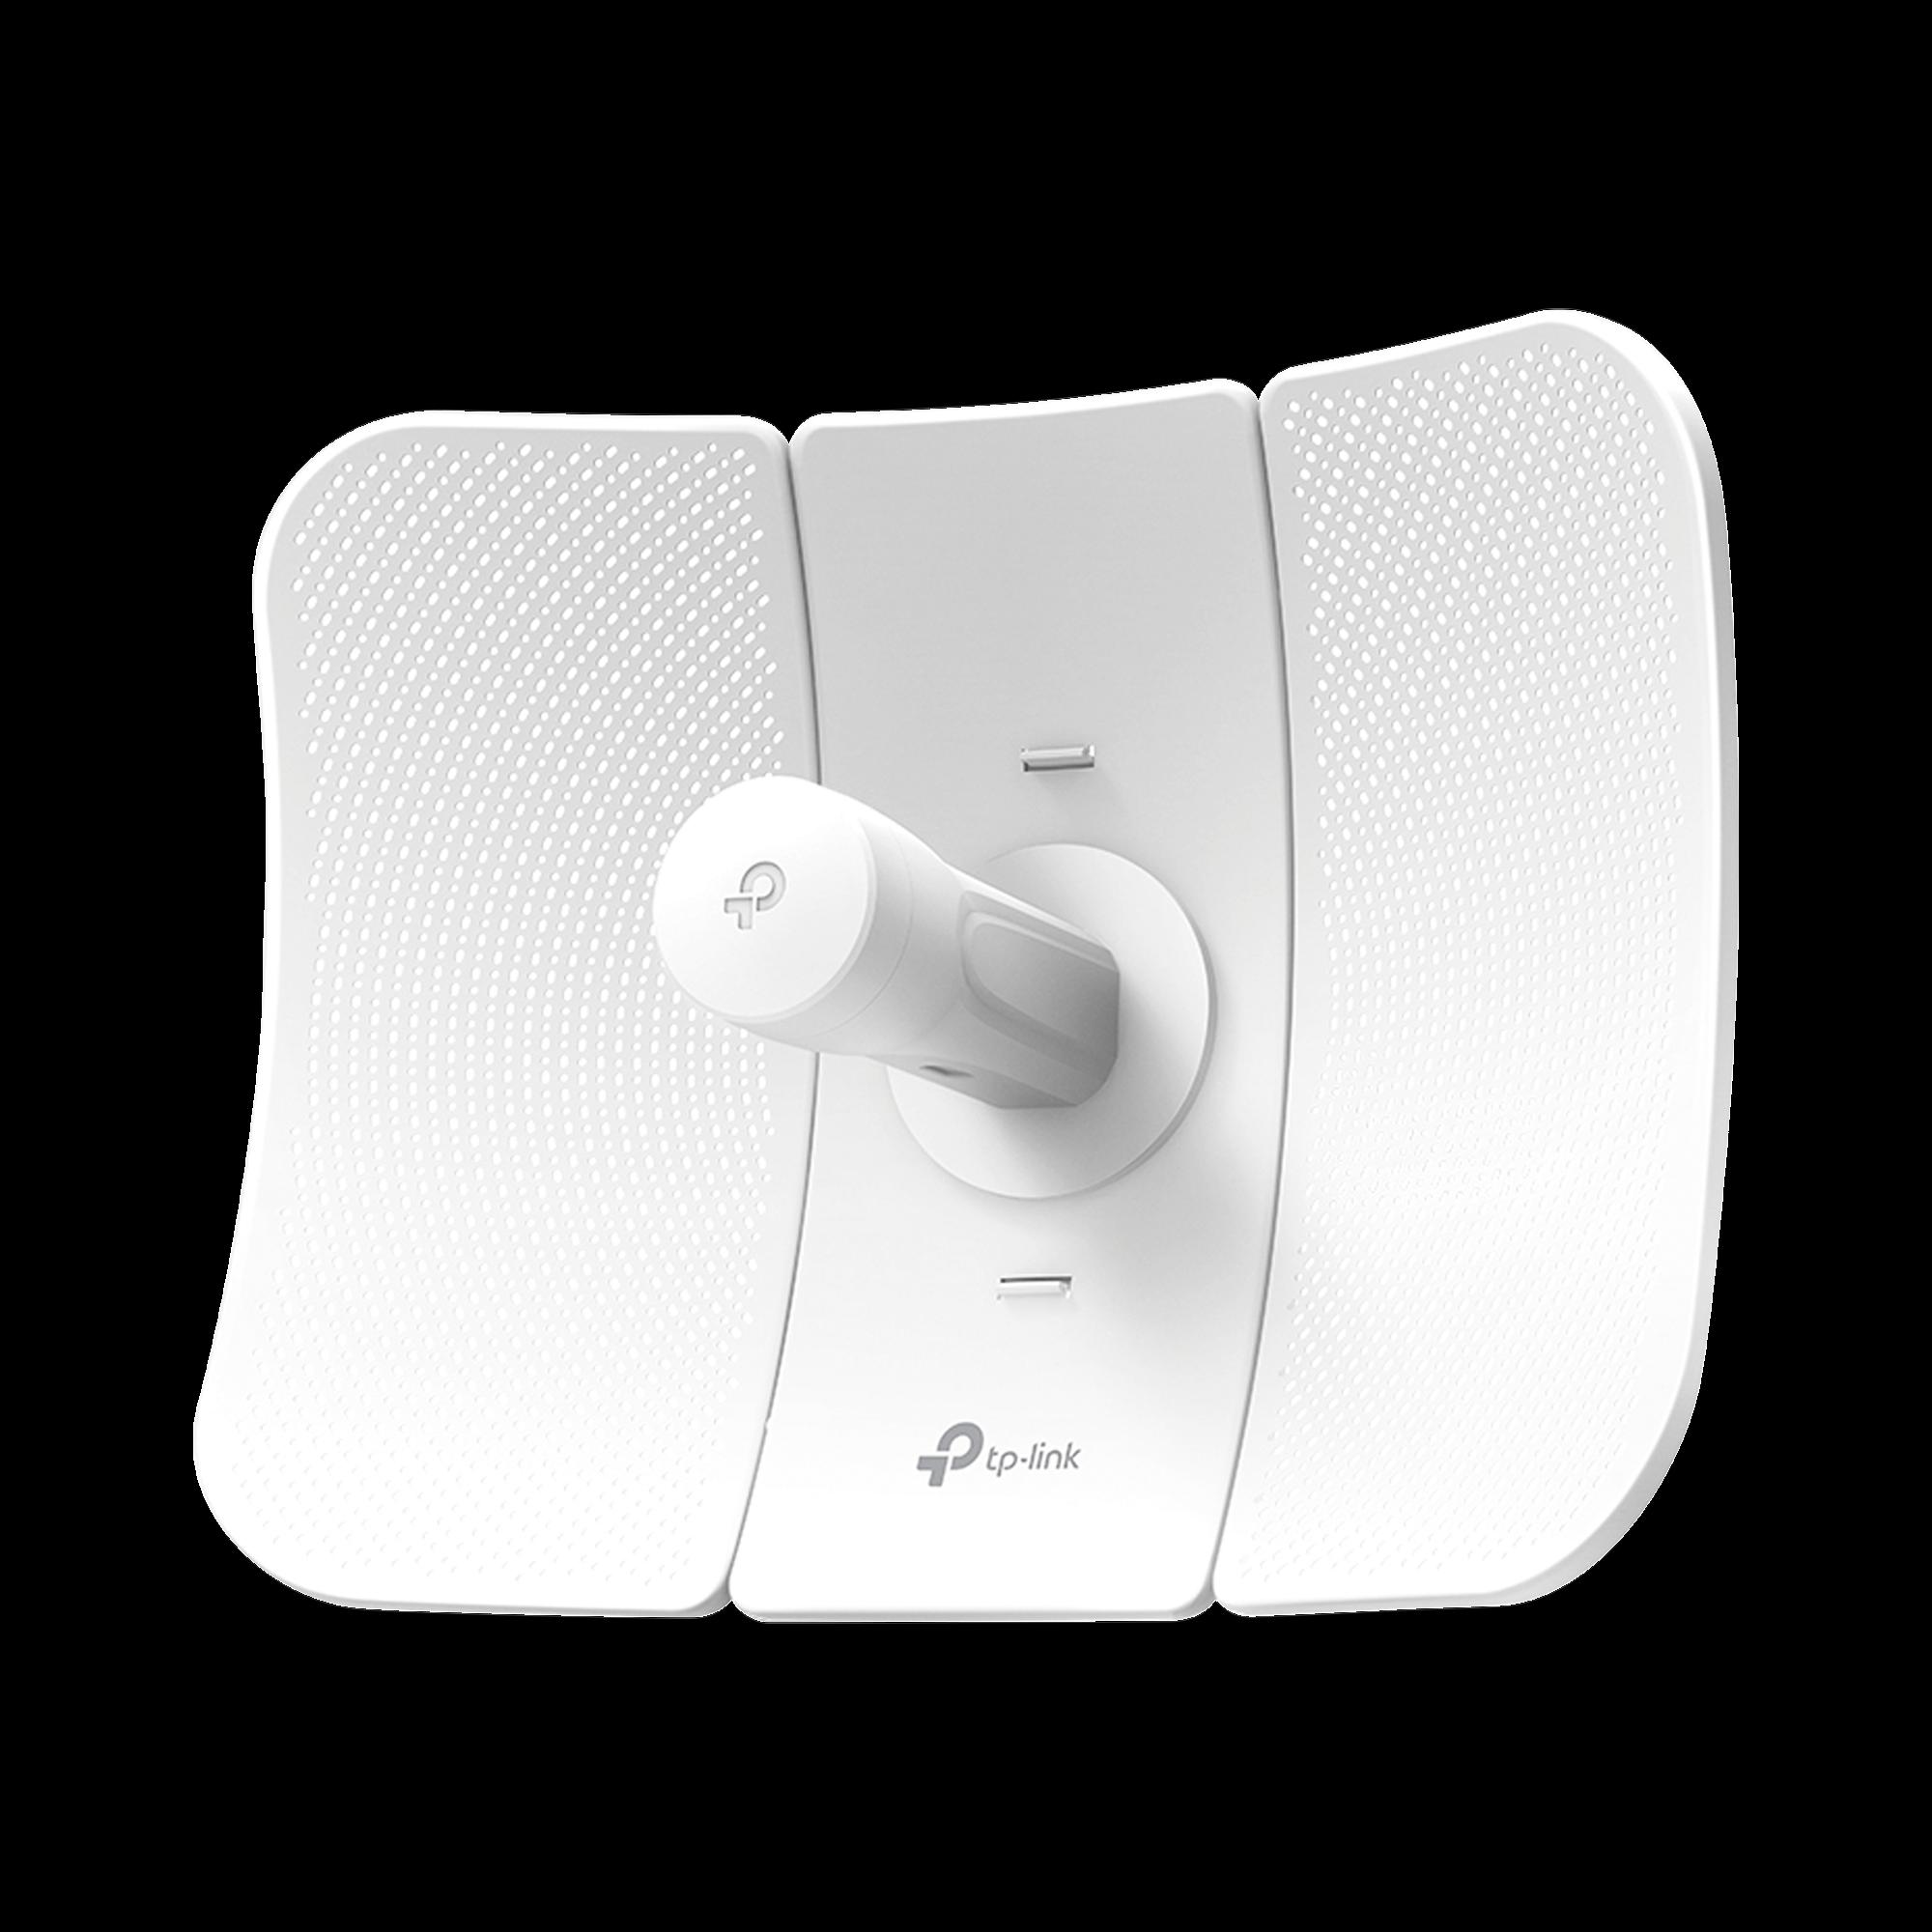 CPE de Exterior de 5 GHz AC 867 Mbps, Antena direccional de 23 dBi, potencia de 29 dBm, PoE pasivo